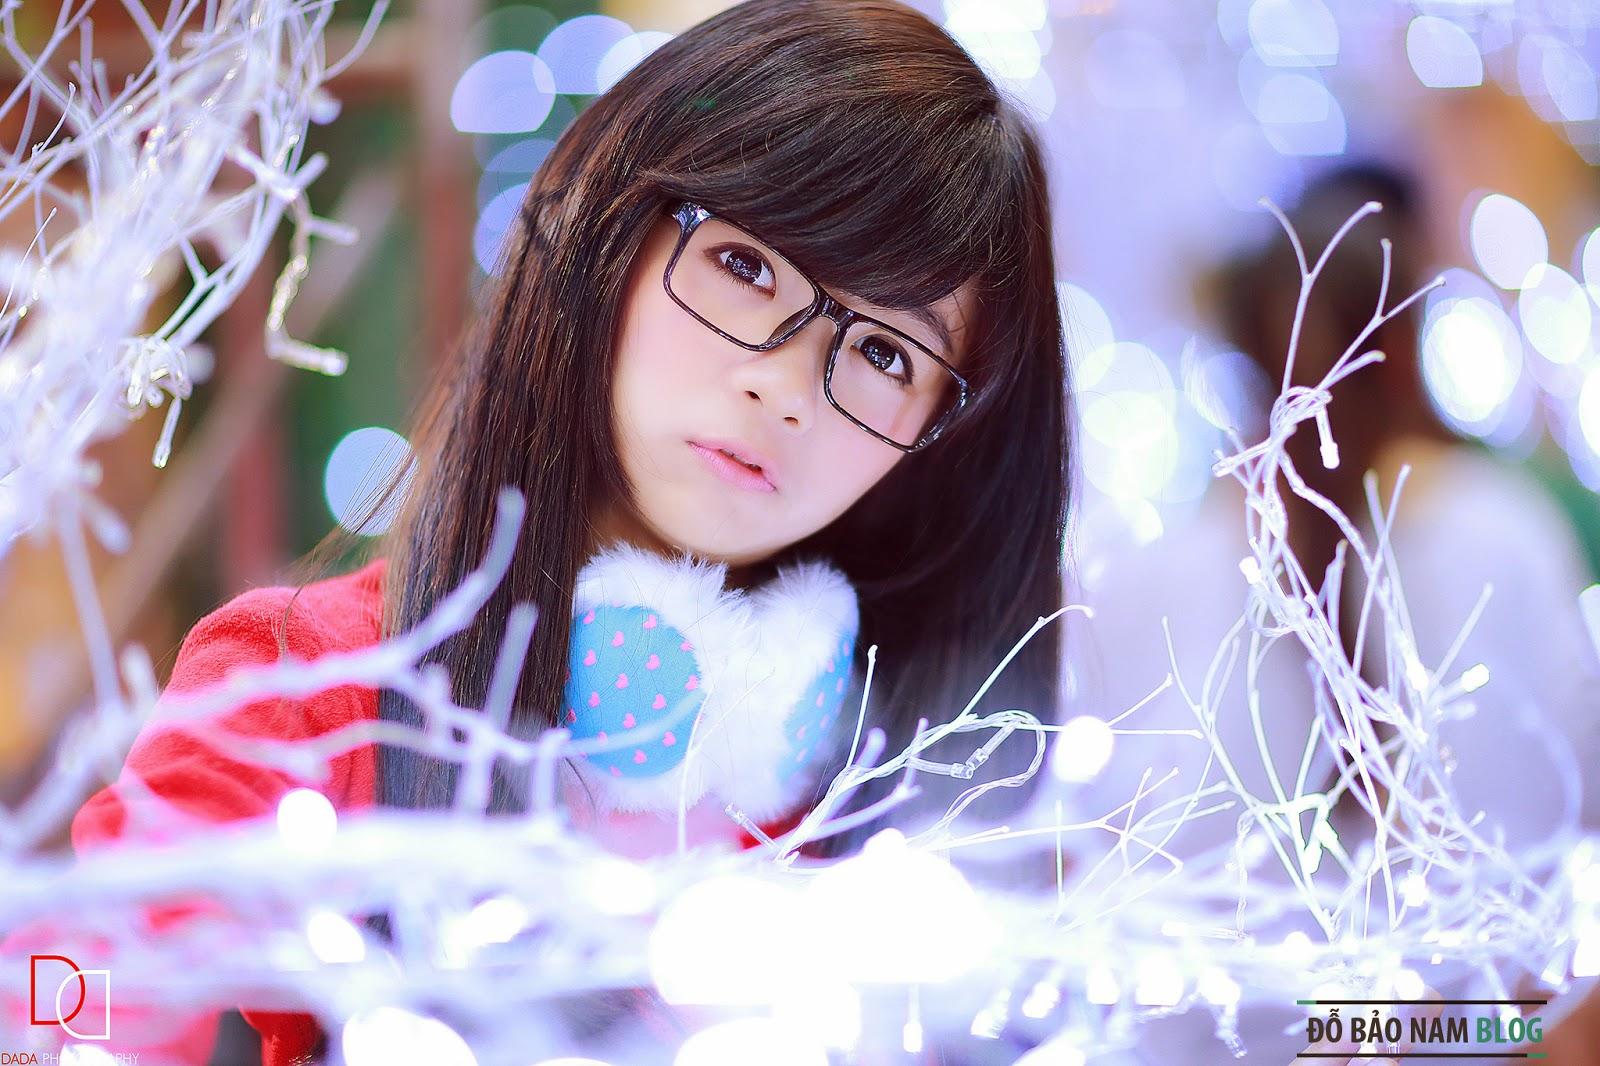 Ảnh đẹp girl xinh mới nhất 2014 được tuyển chọn 14